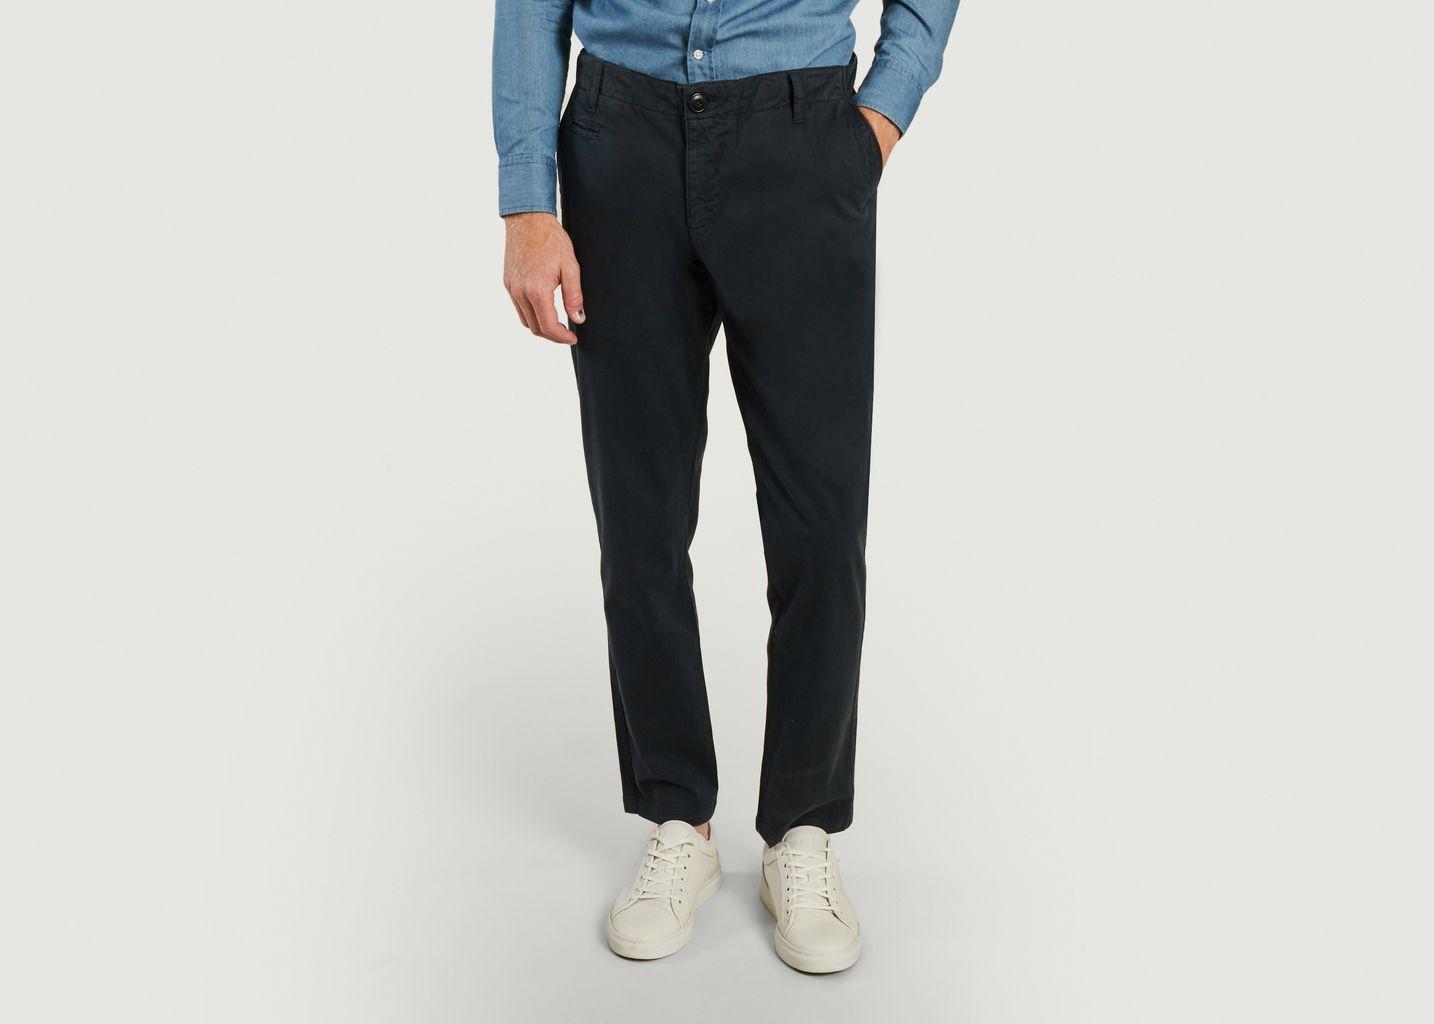 Pantalon chino Chuck en coton biologique - KCA